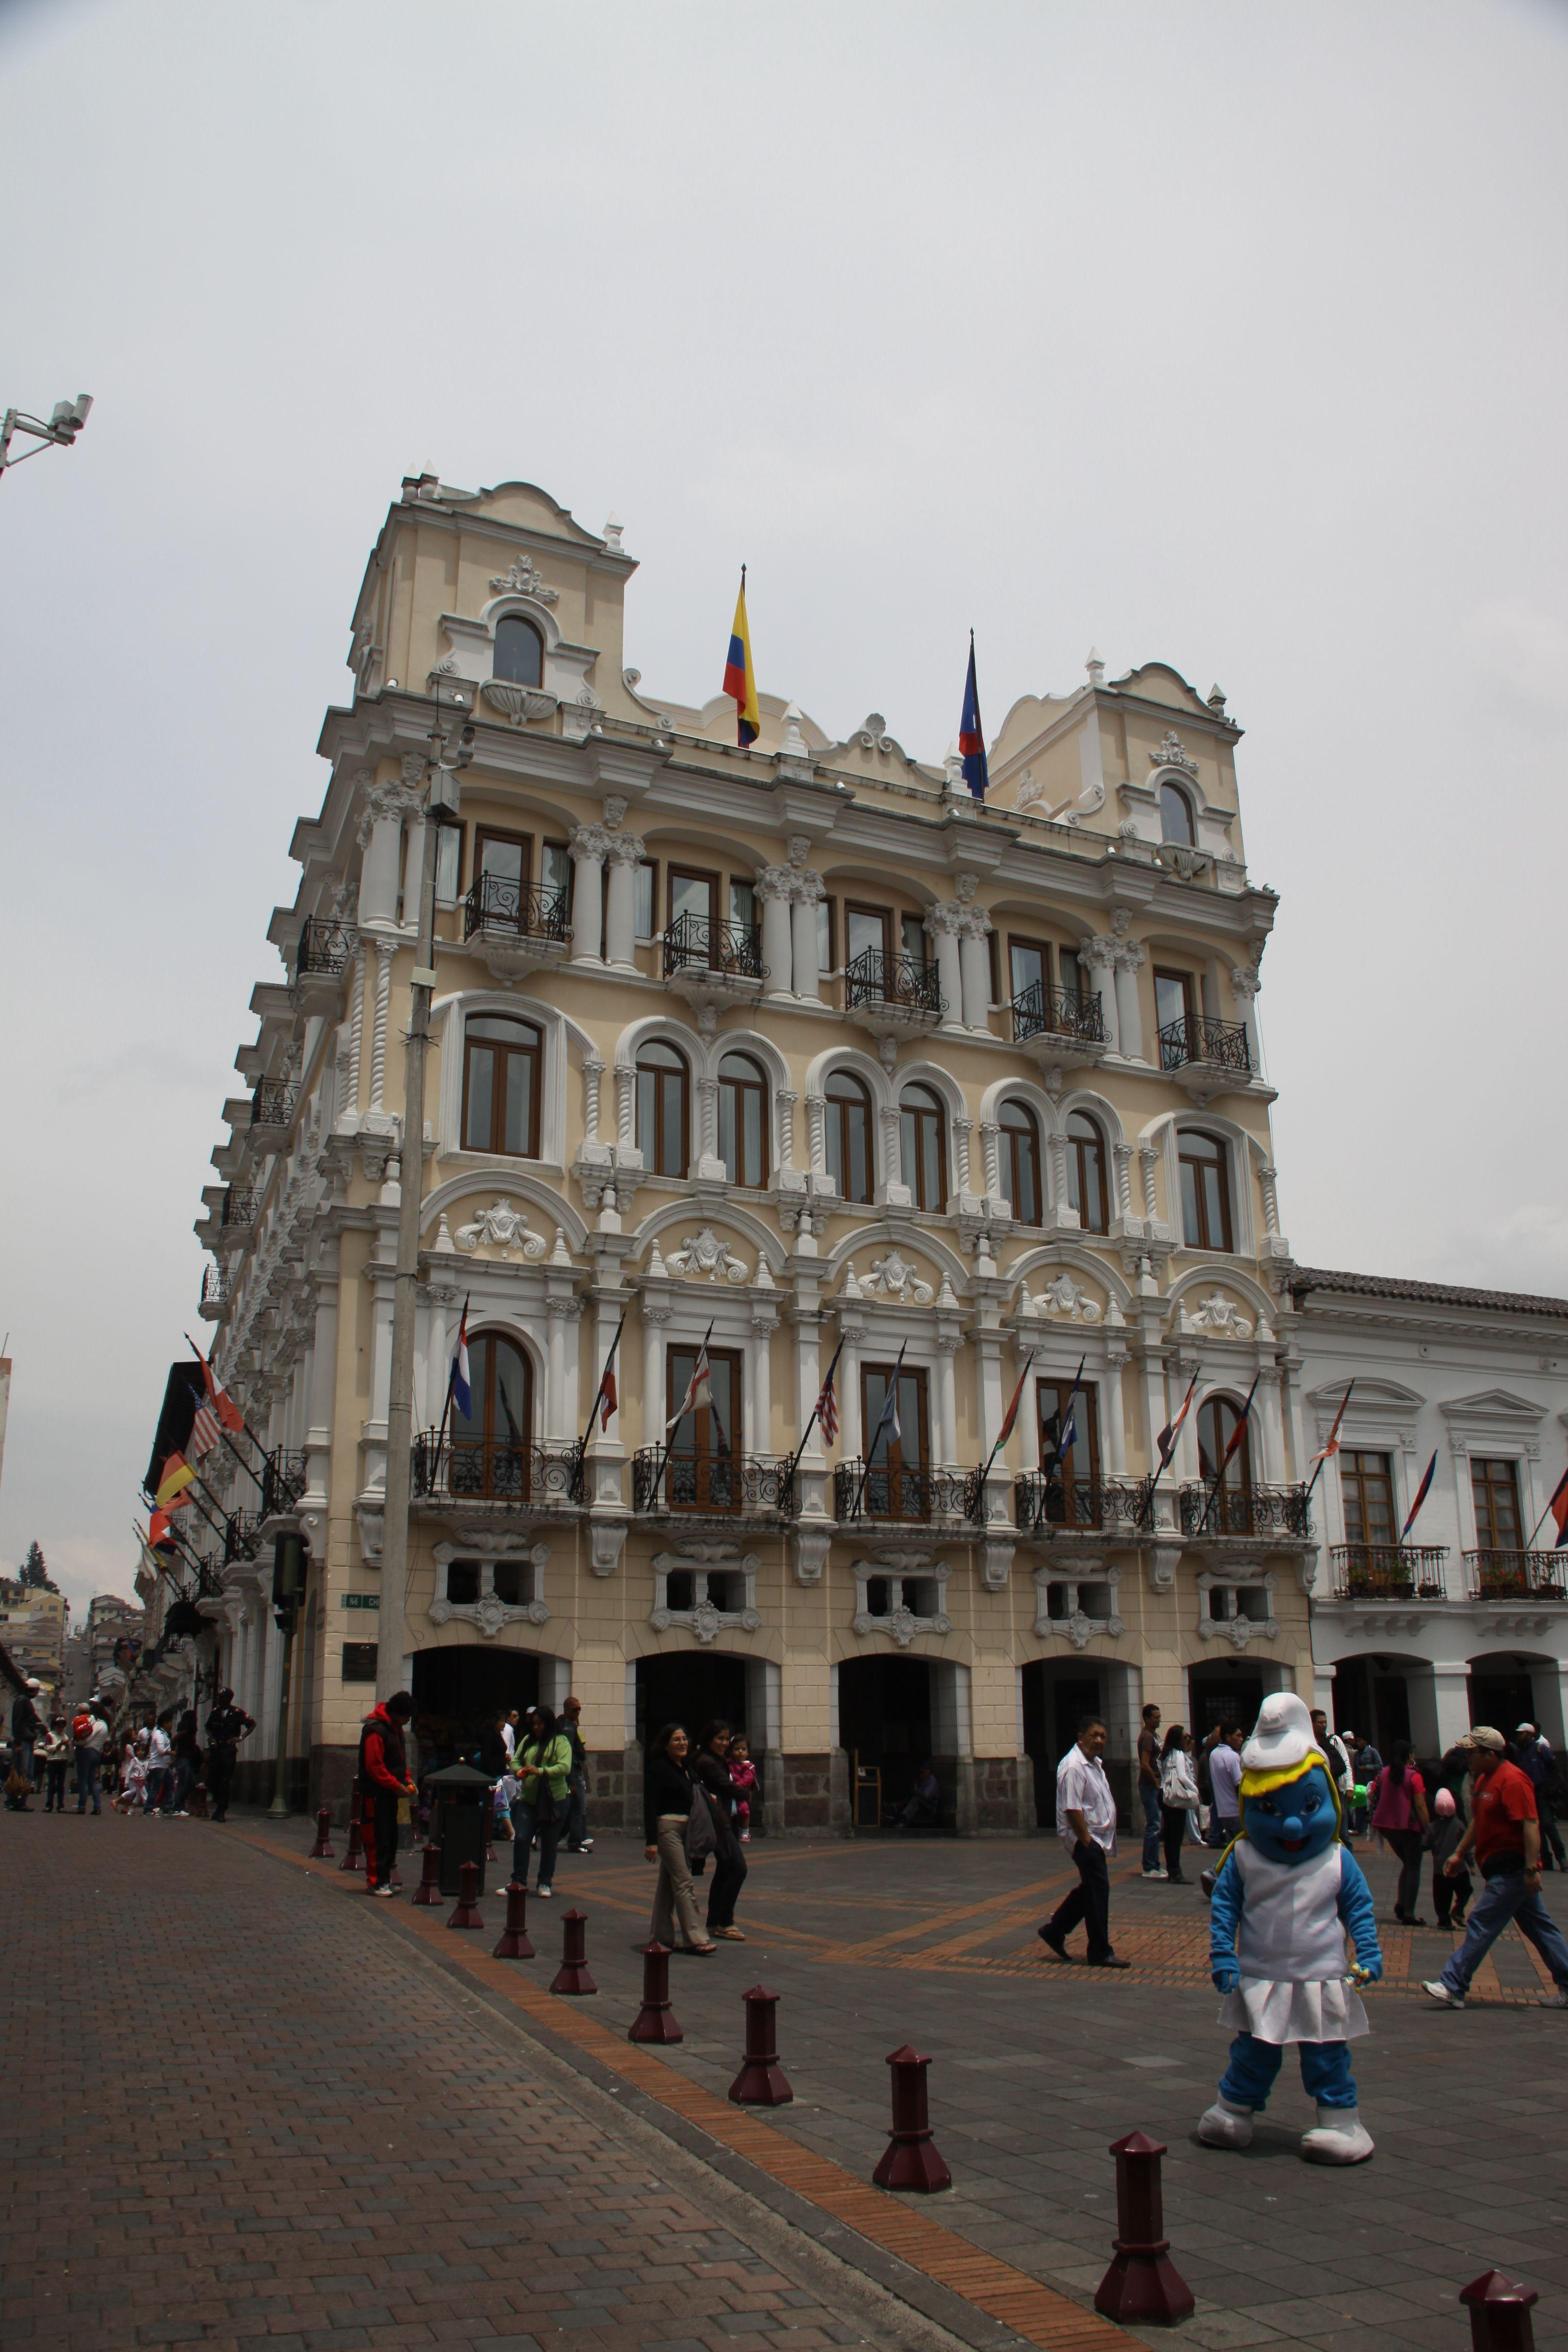 Majestic Hotel - Plaza Grande Quito